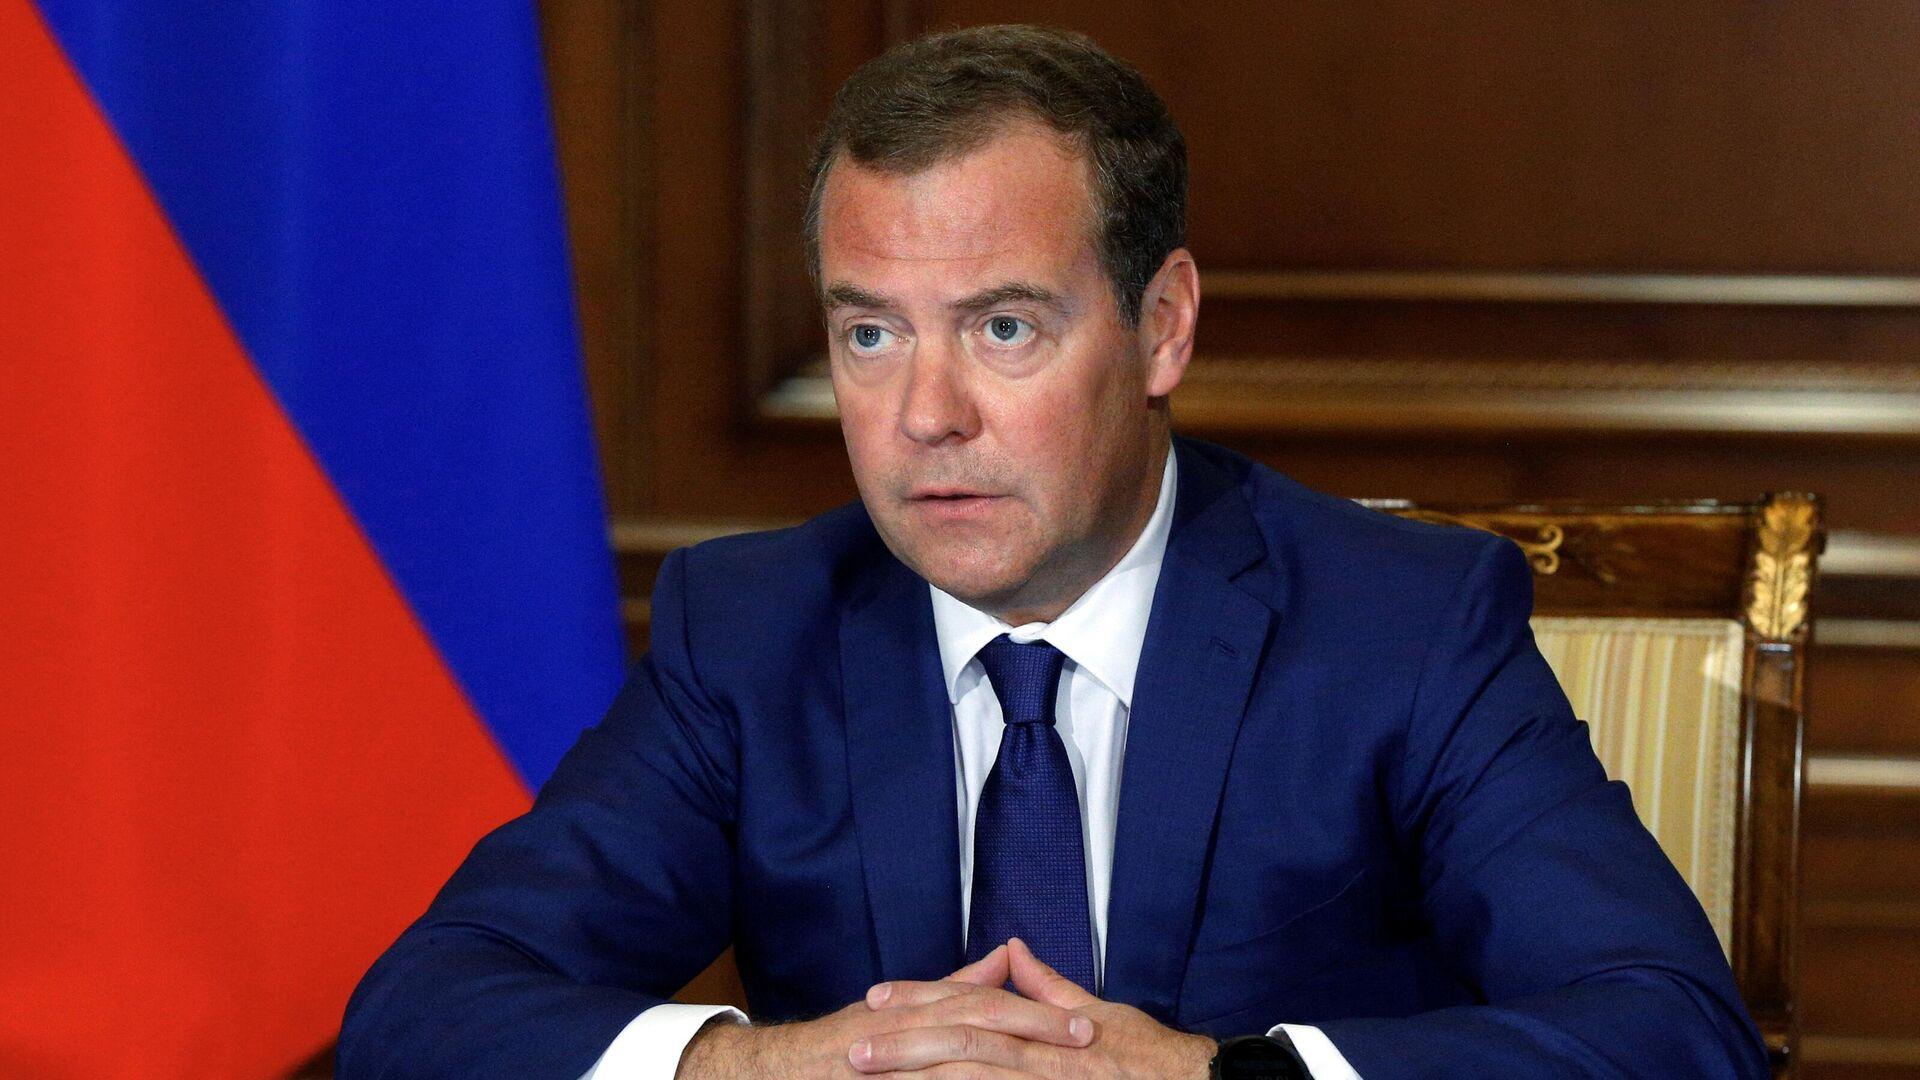 Заместитель председателя Совета безопасности РФ Дмитрий Медведев проводит совещание по вопросу Об обеспечении долгосрочных интересов РФ в условиях введения с 2025 г. углеродного налога в ЕС - РИА Новости, 1920, 19.01.2021